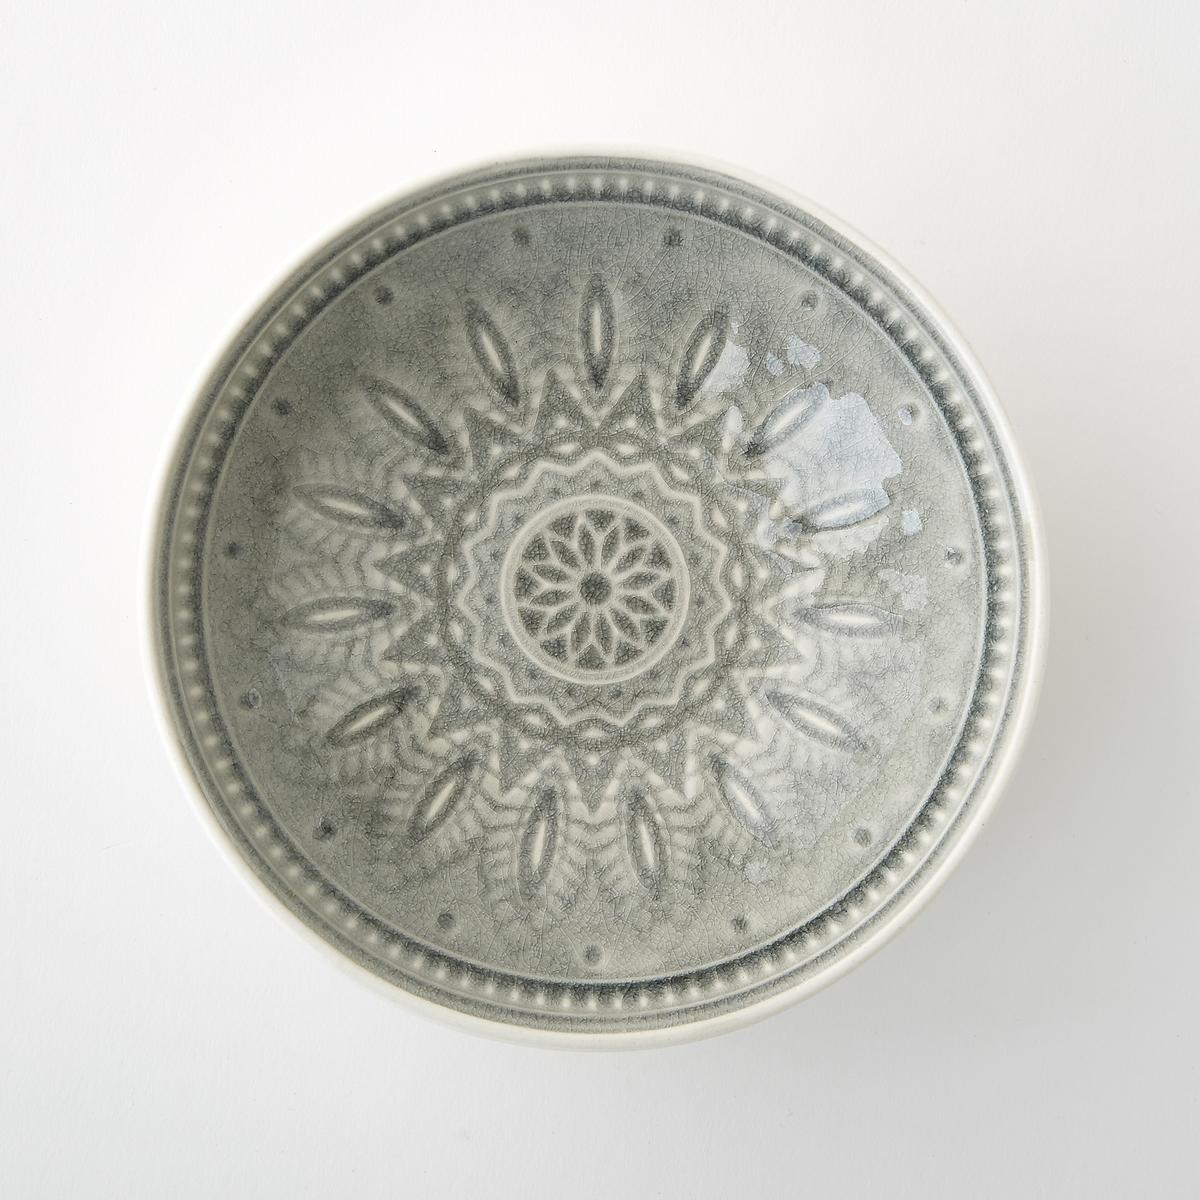 4 чаши керамических Nicolosi4 чаши Nicolosi. Из эмалированной керамики с отделкой кракле. Объемный рисунок. Подходит для посудомоечной машины и микроволновой печи. Размеры  : ?17,5 x В5,5 см.<br><br>Цвет: серый